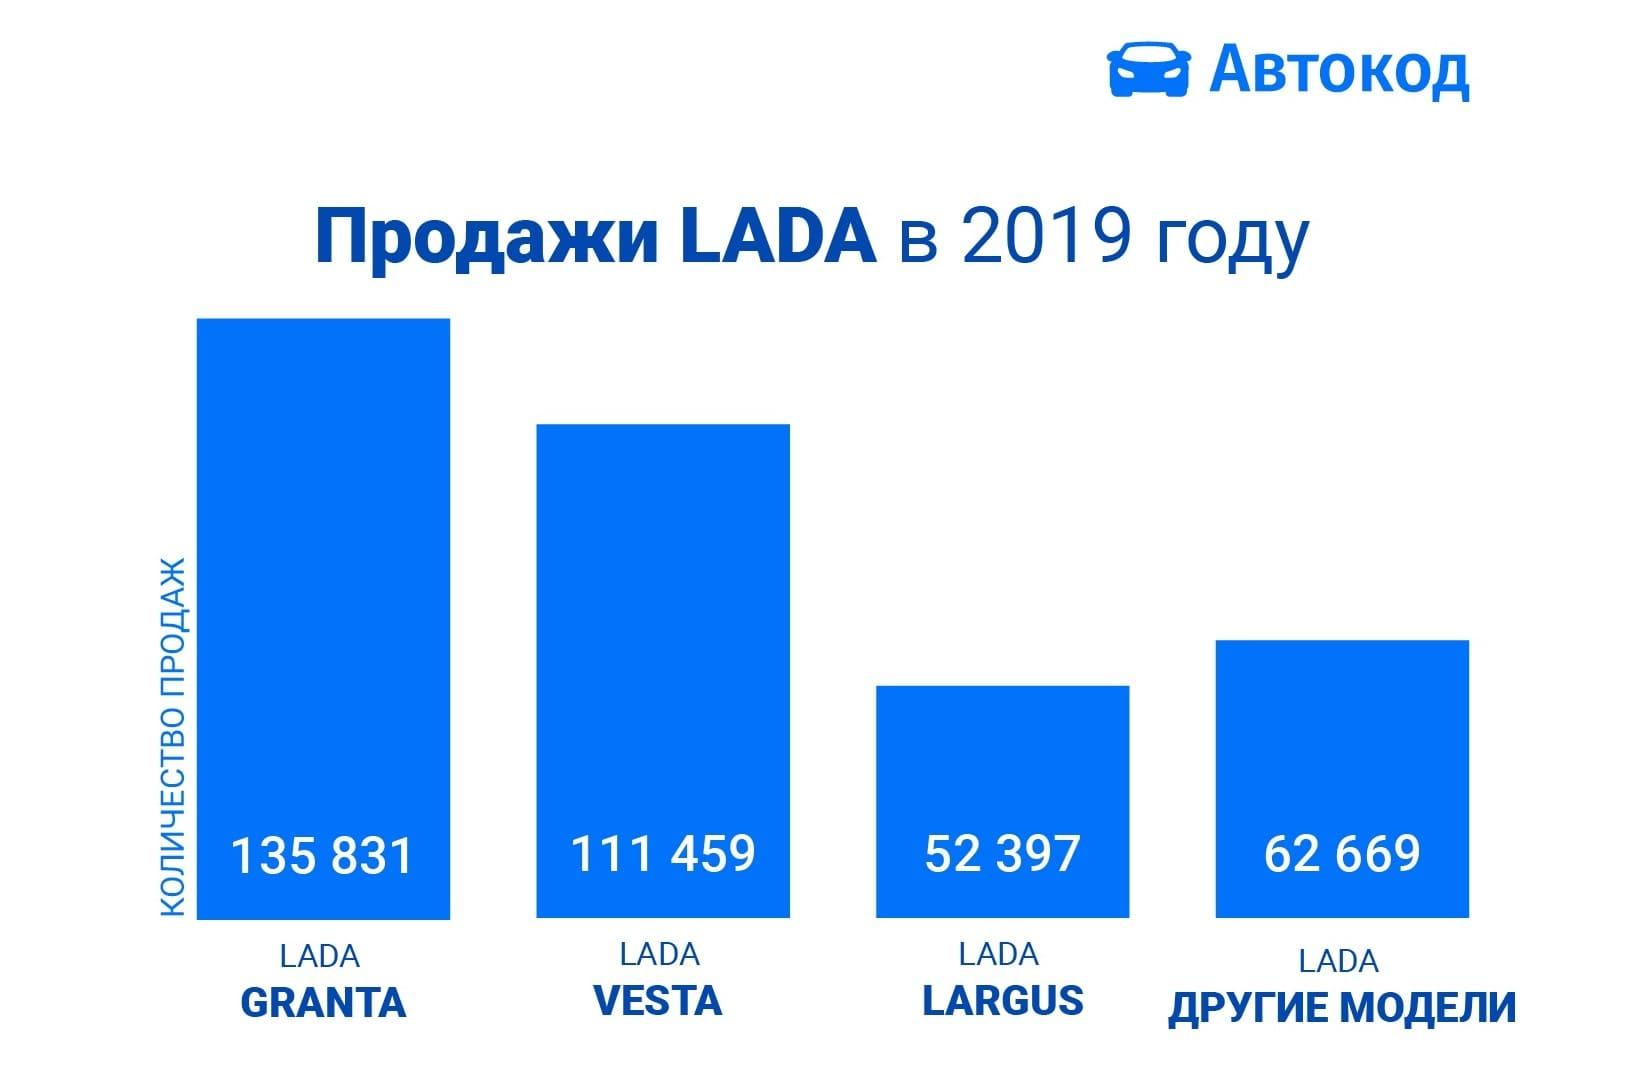 statistika-avtocod